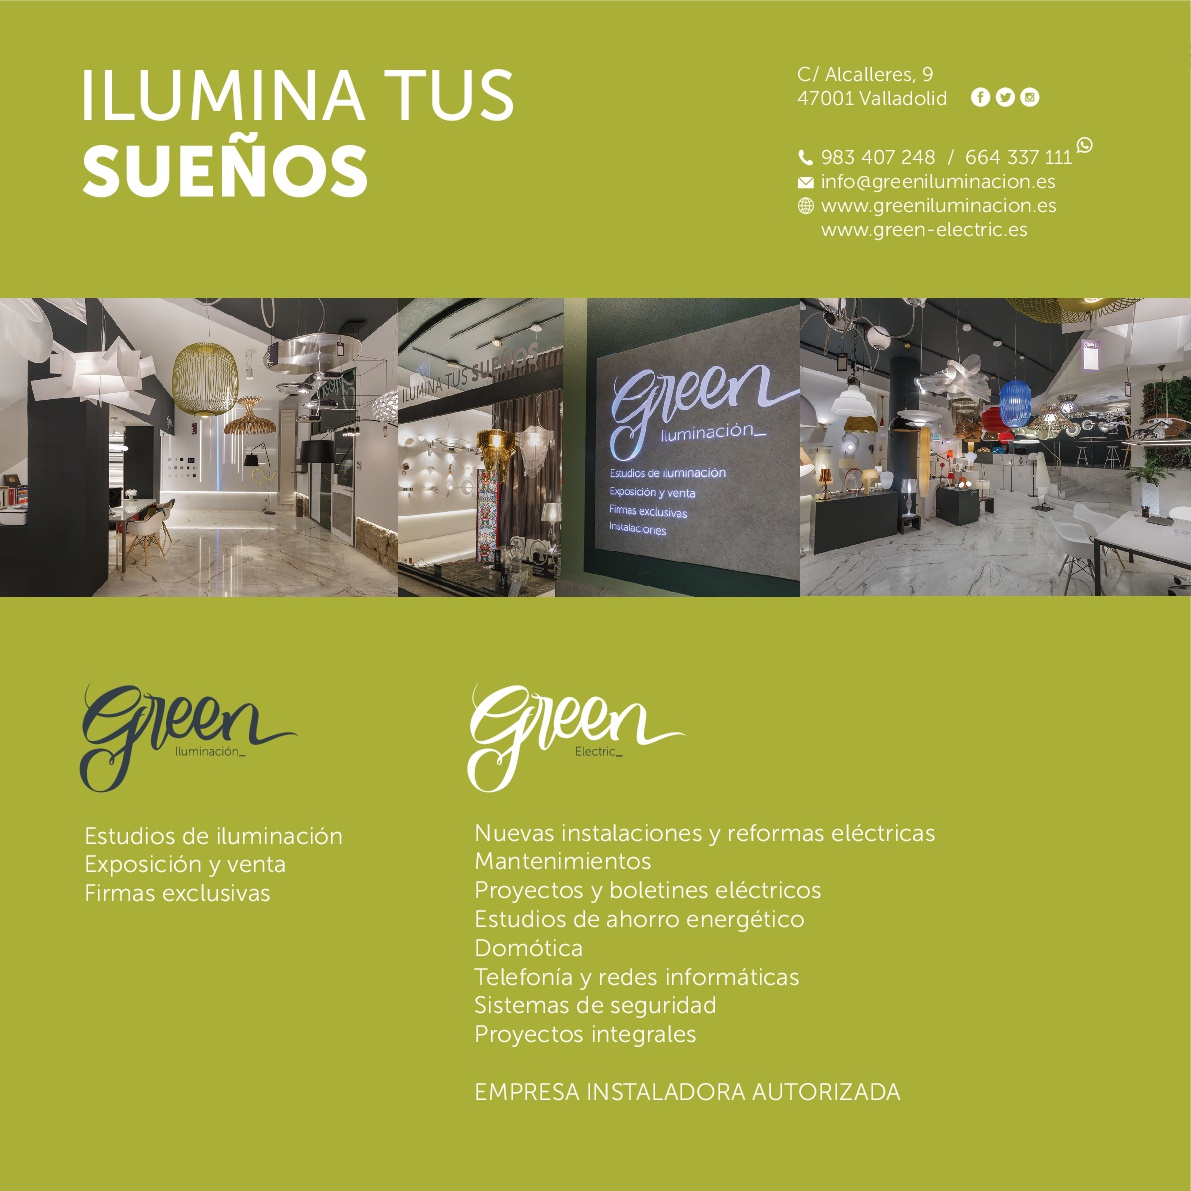 Ilumina tus sueños en la tienda Green Iluminación